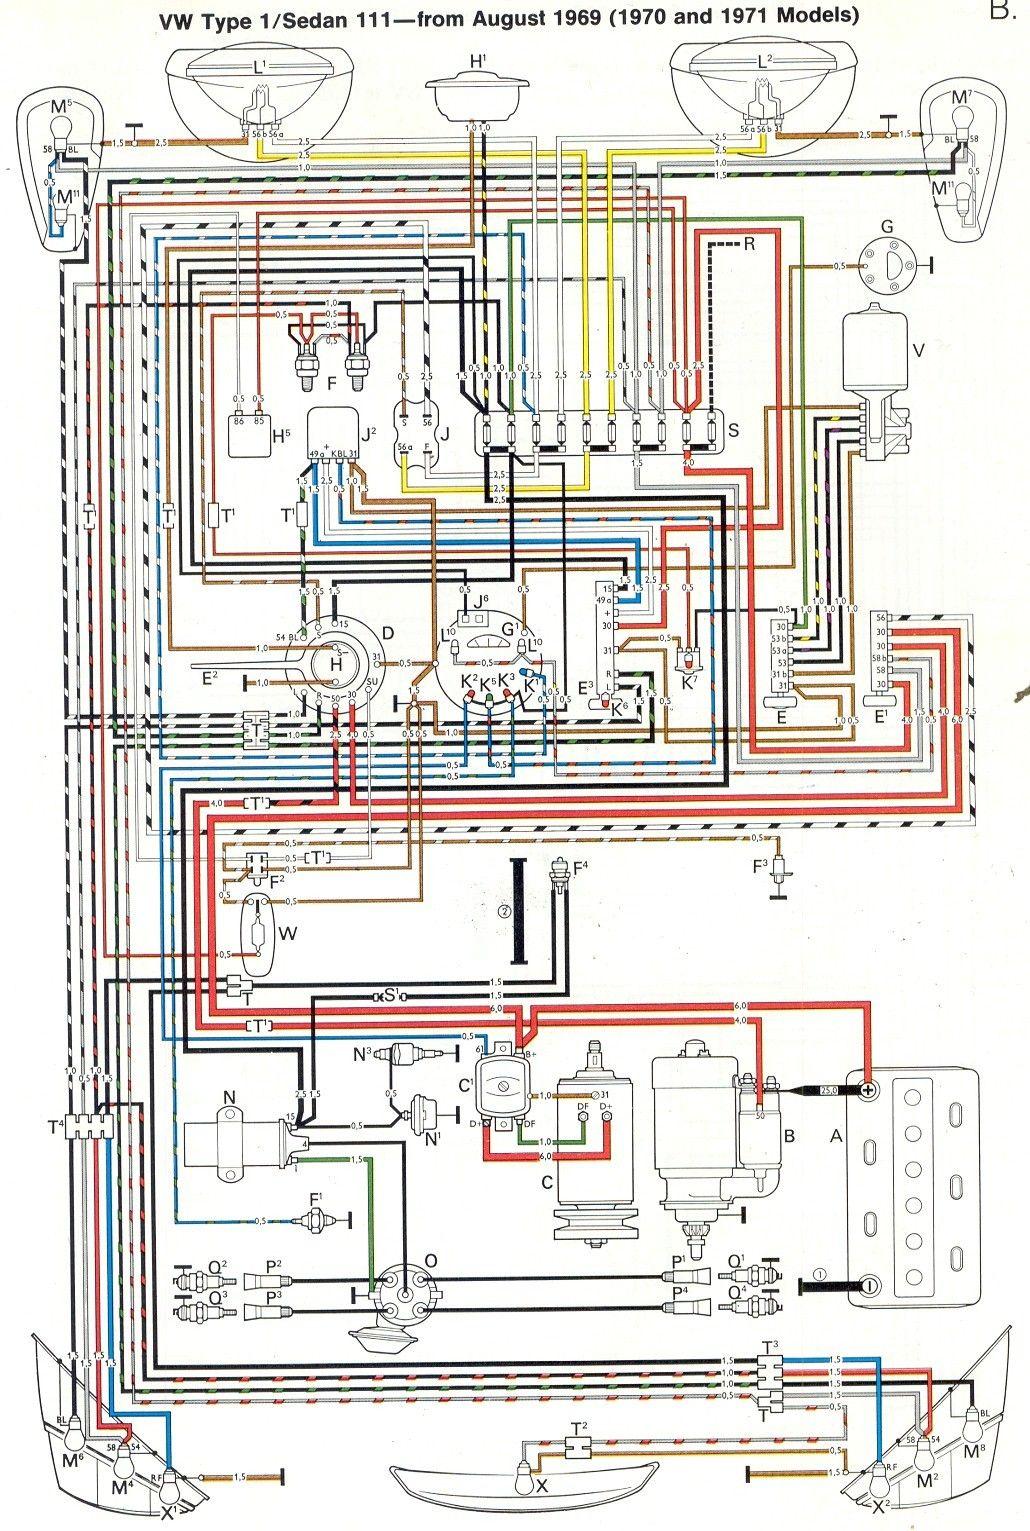 71 Vw Wiring Diagram